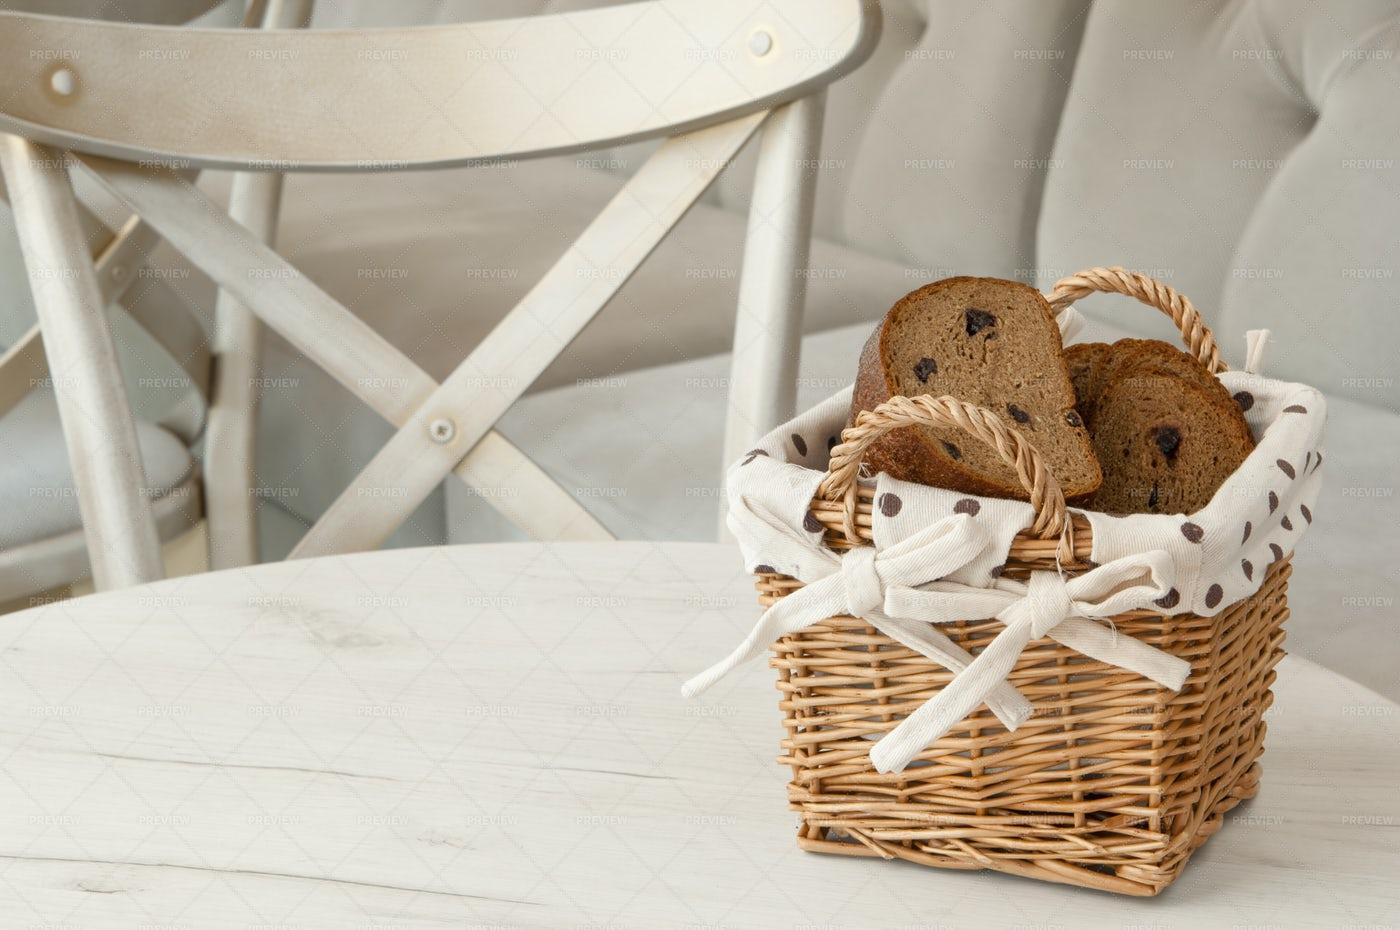 Bread In Wicker Basket: Stock Photos